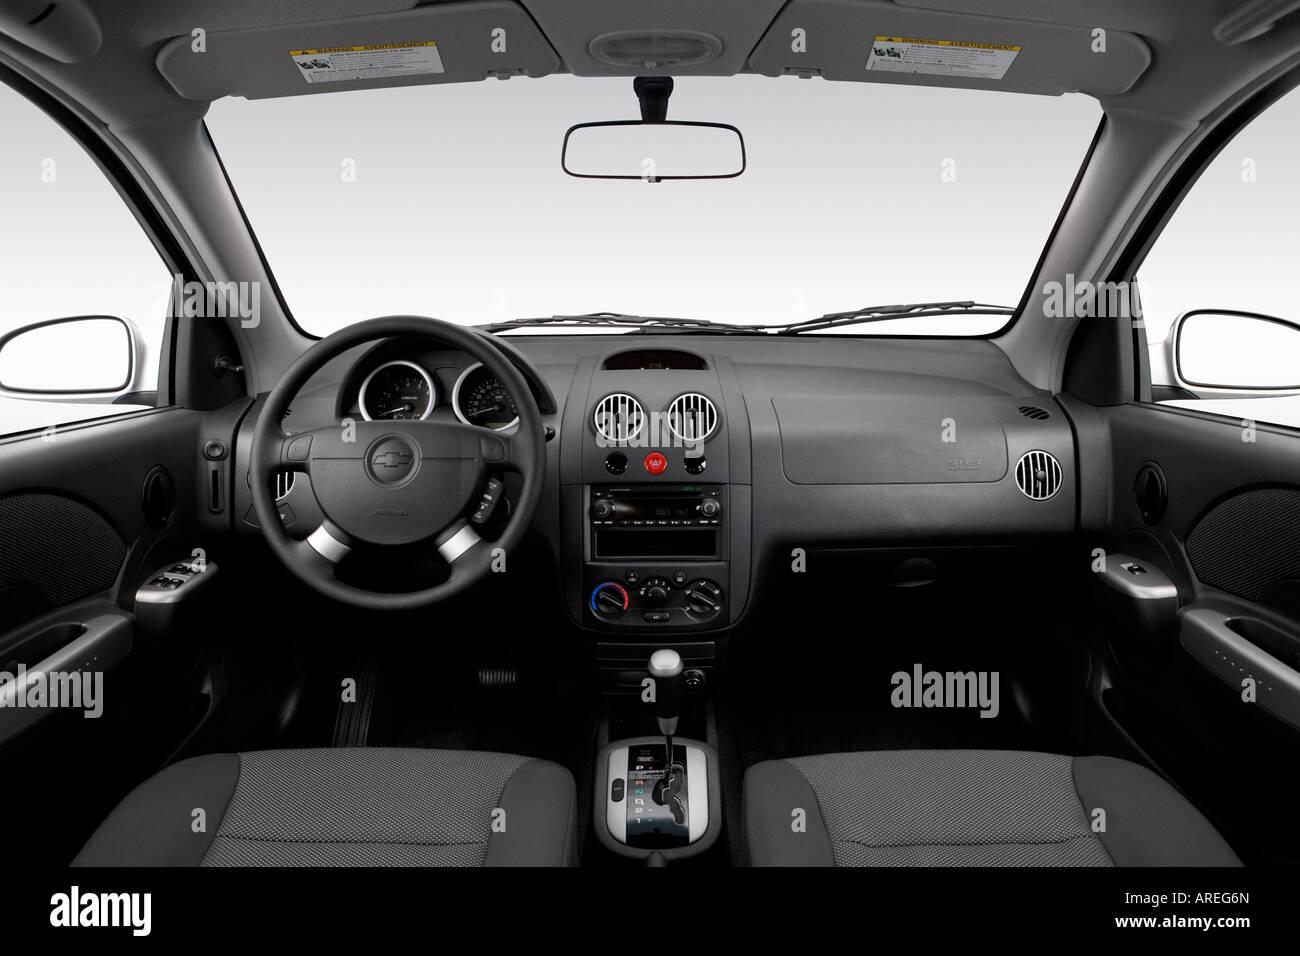 Chevrolet chevrolet 2006 aveo : 2006 Chevrolet Aveo LT in Silver - Dashboard, center console, gear ...